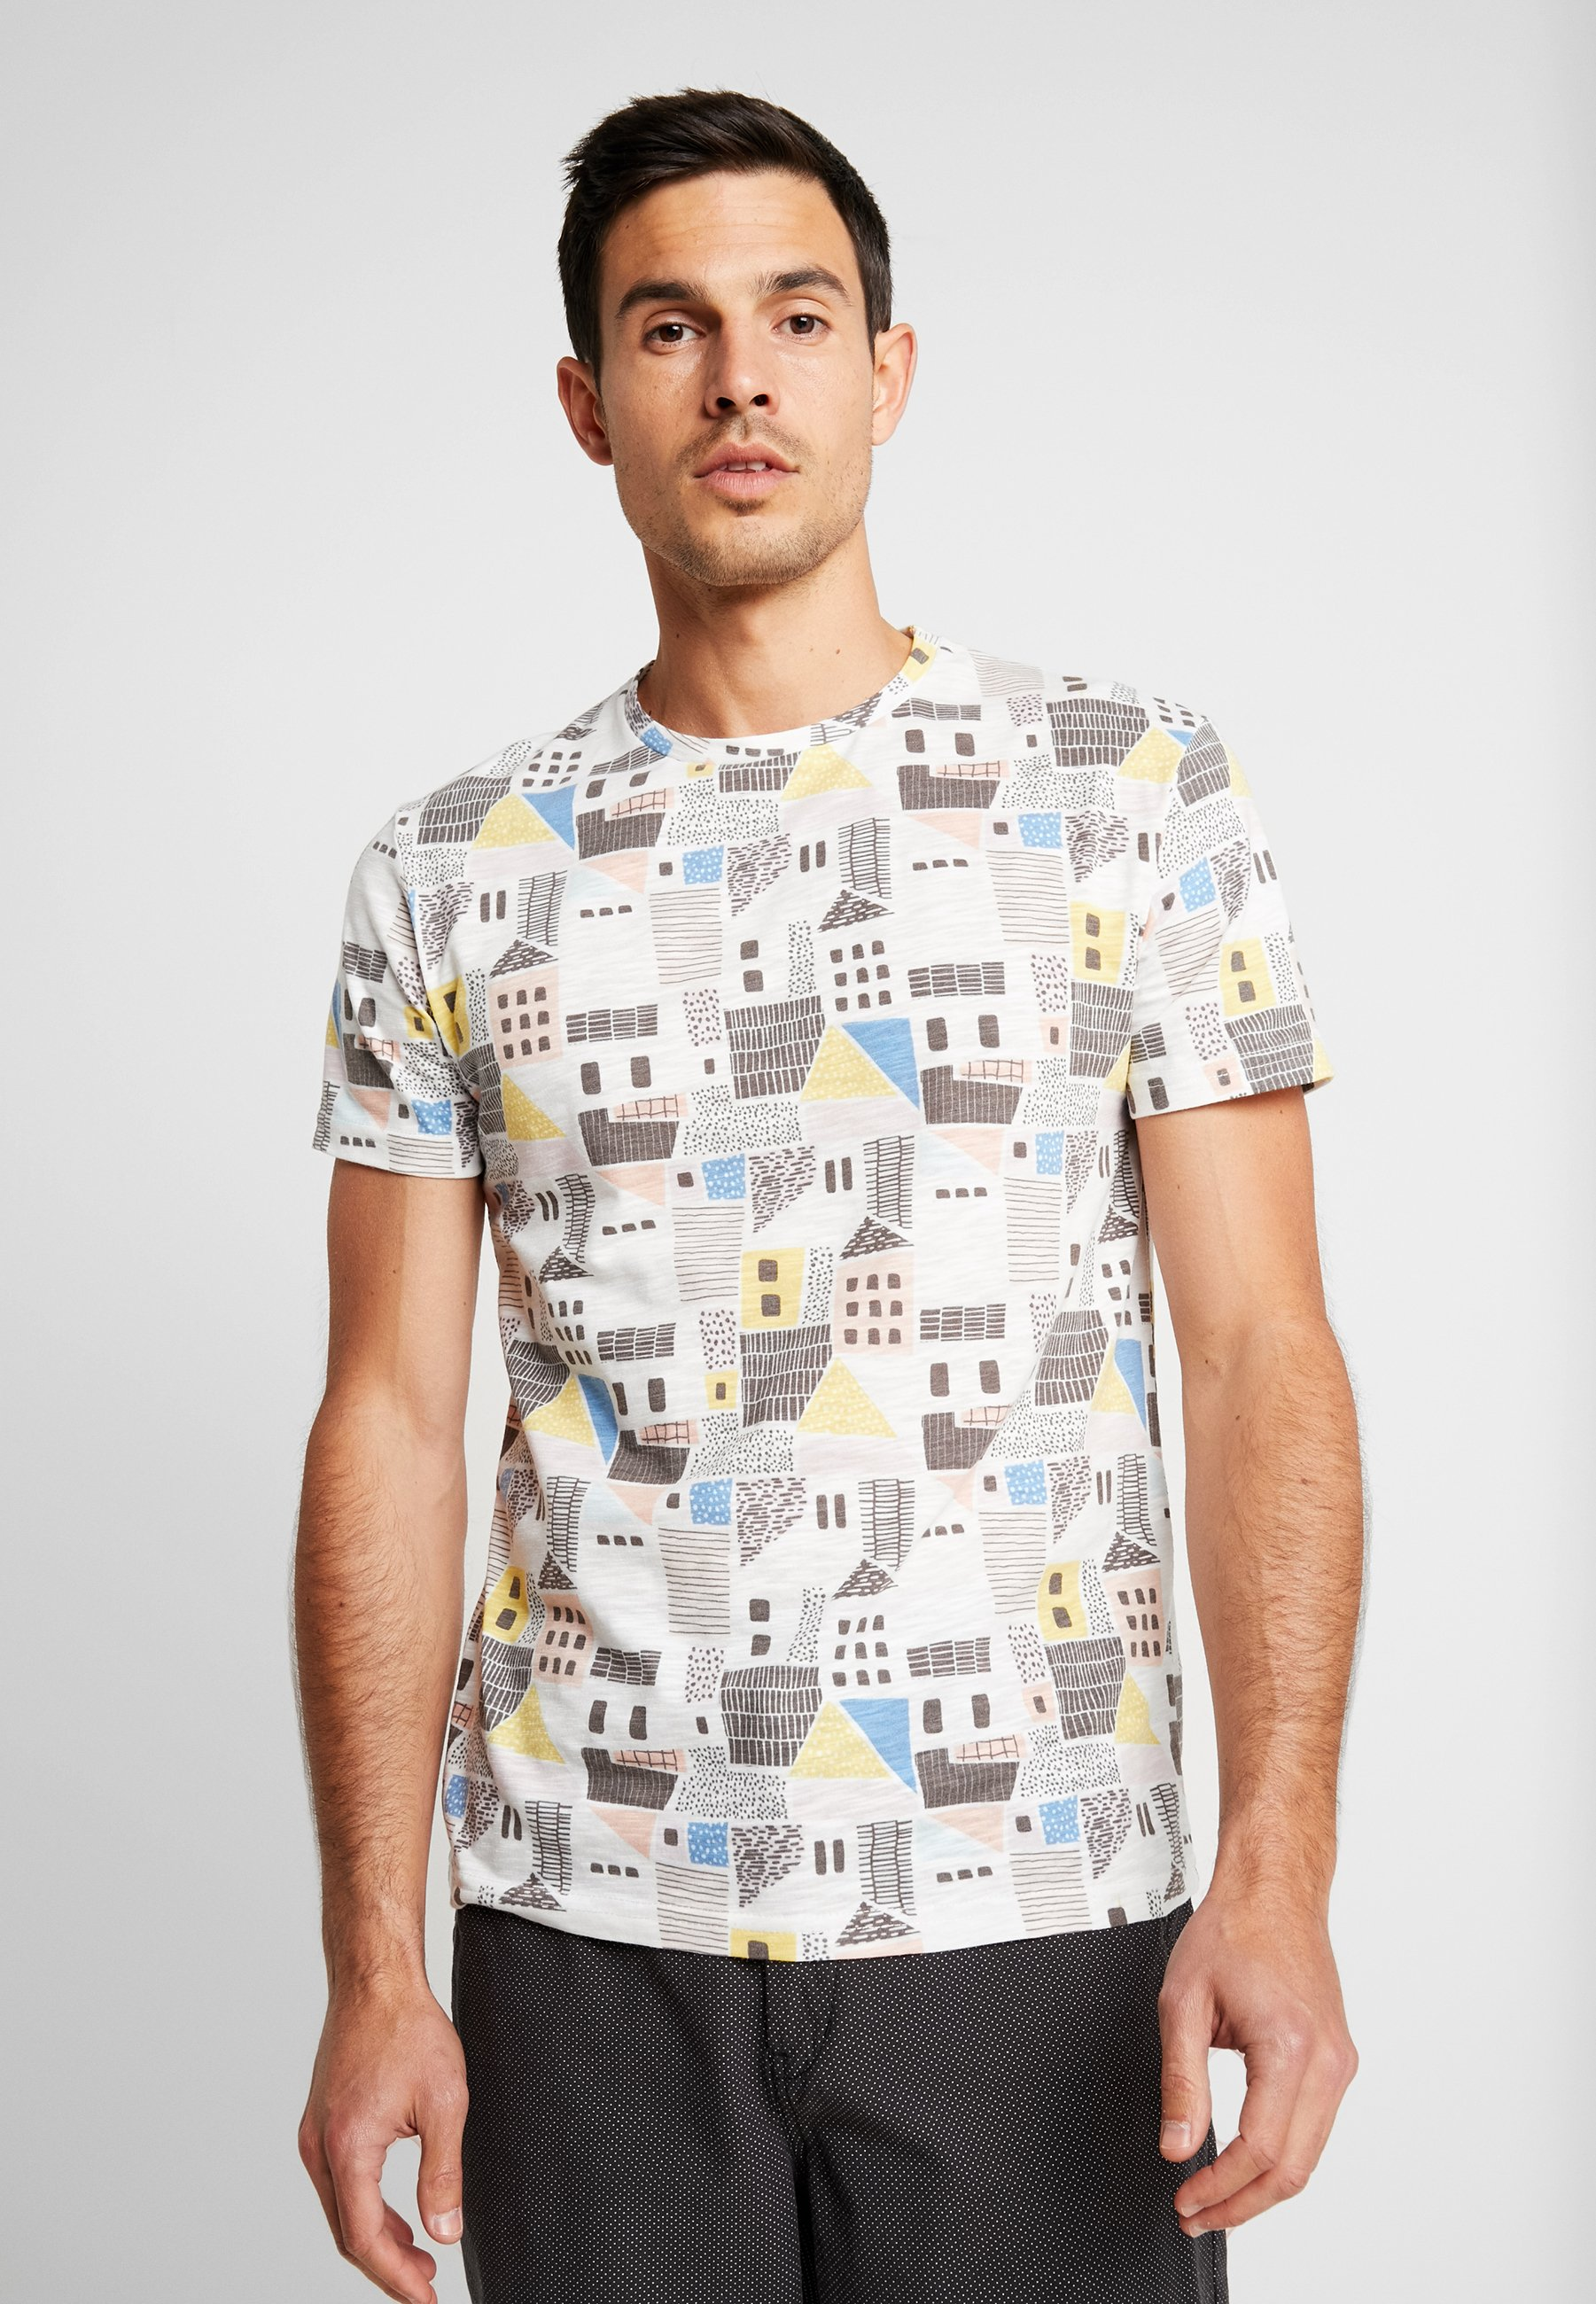 One ImpriméWhite T shirt Pier T Pier shirt ImpriméWhite One Pier yvN8PwOm0n